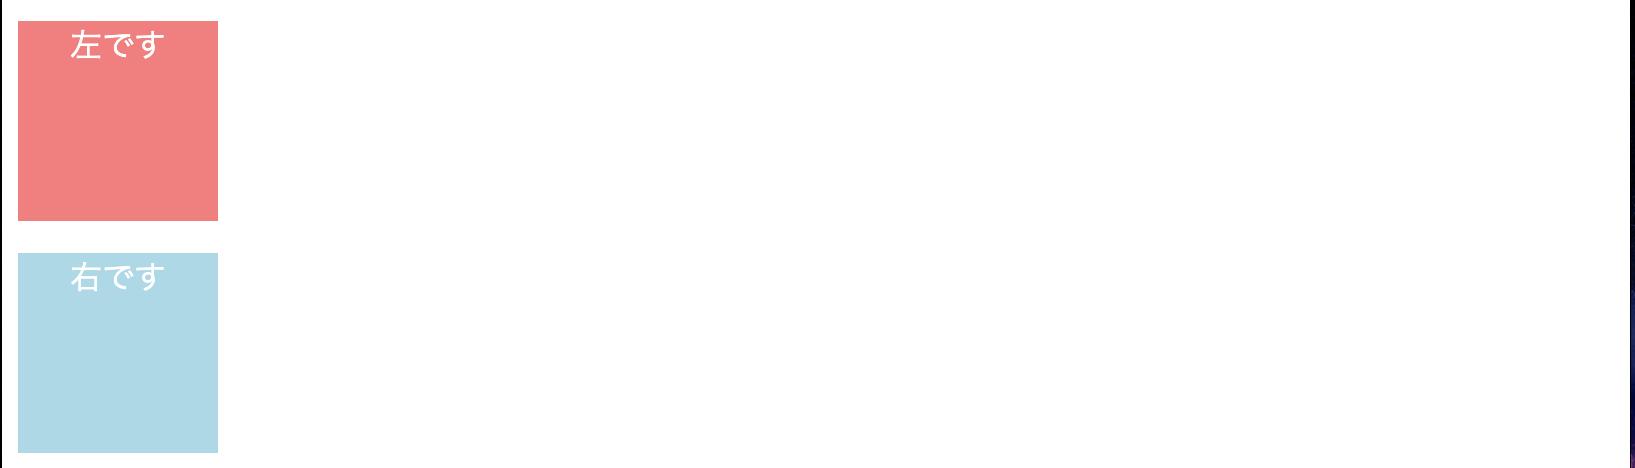 スクリーンショット 2020-11-10 15.32.03.png